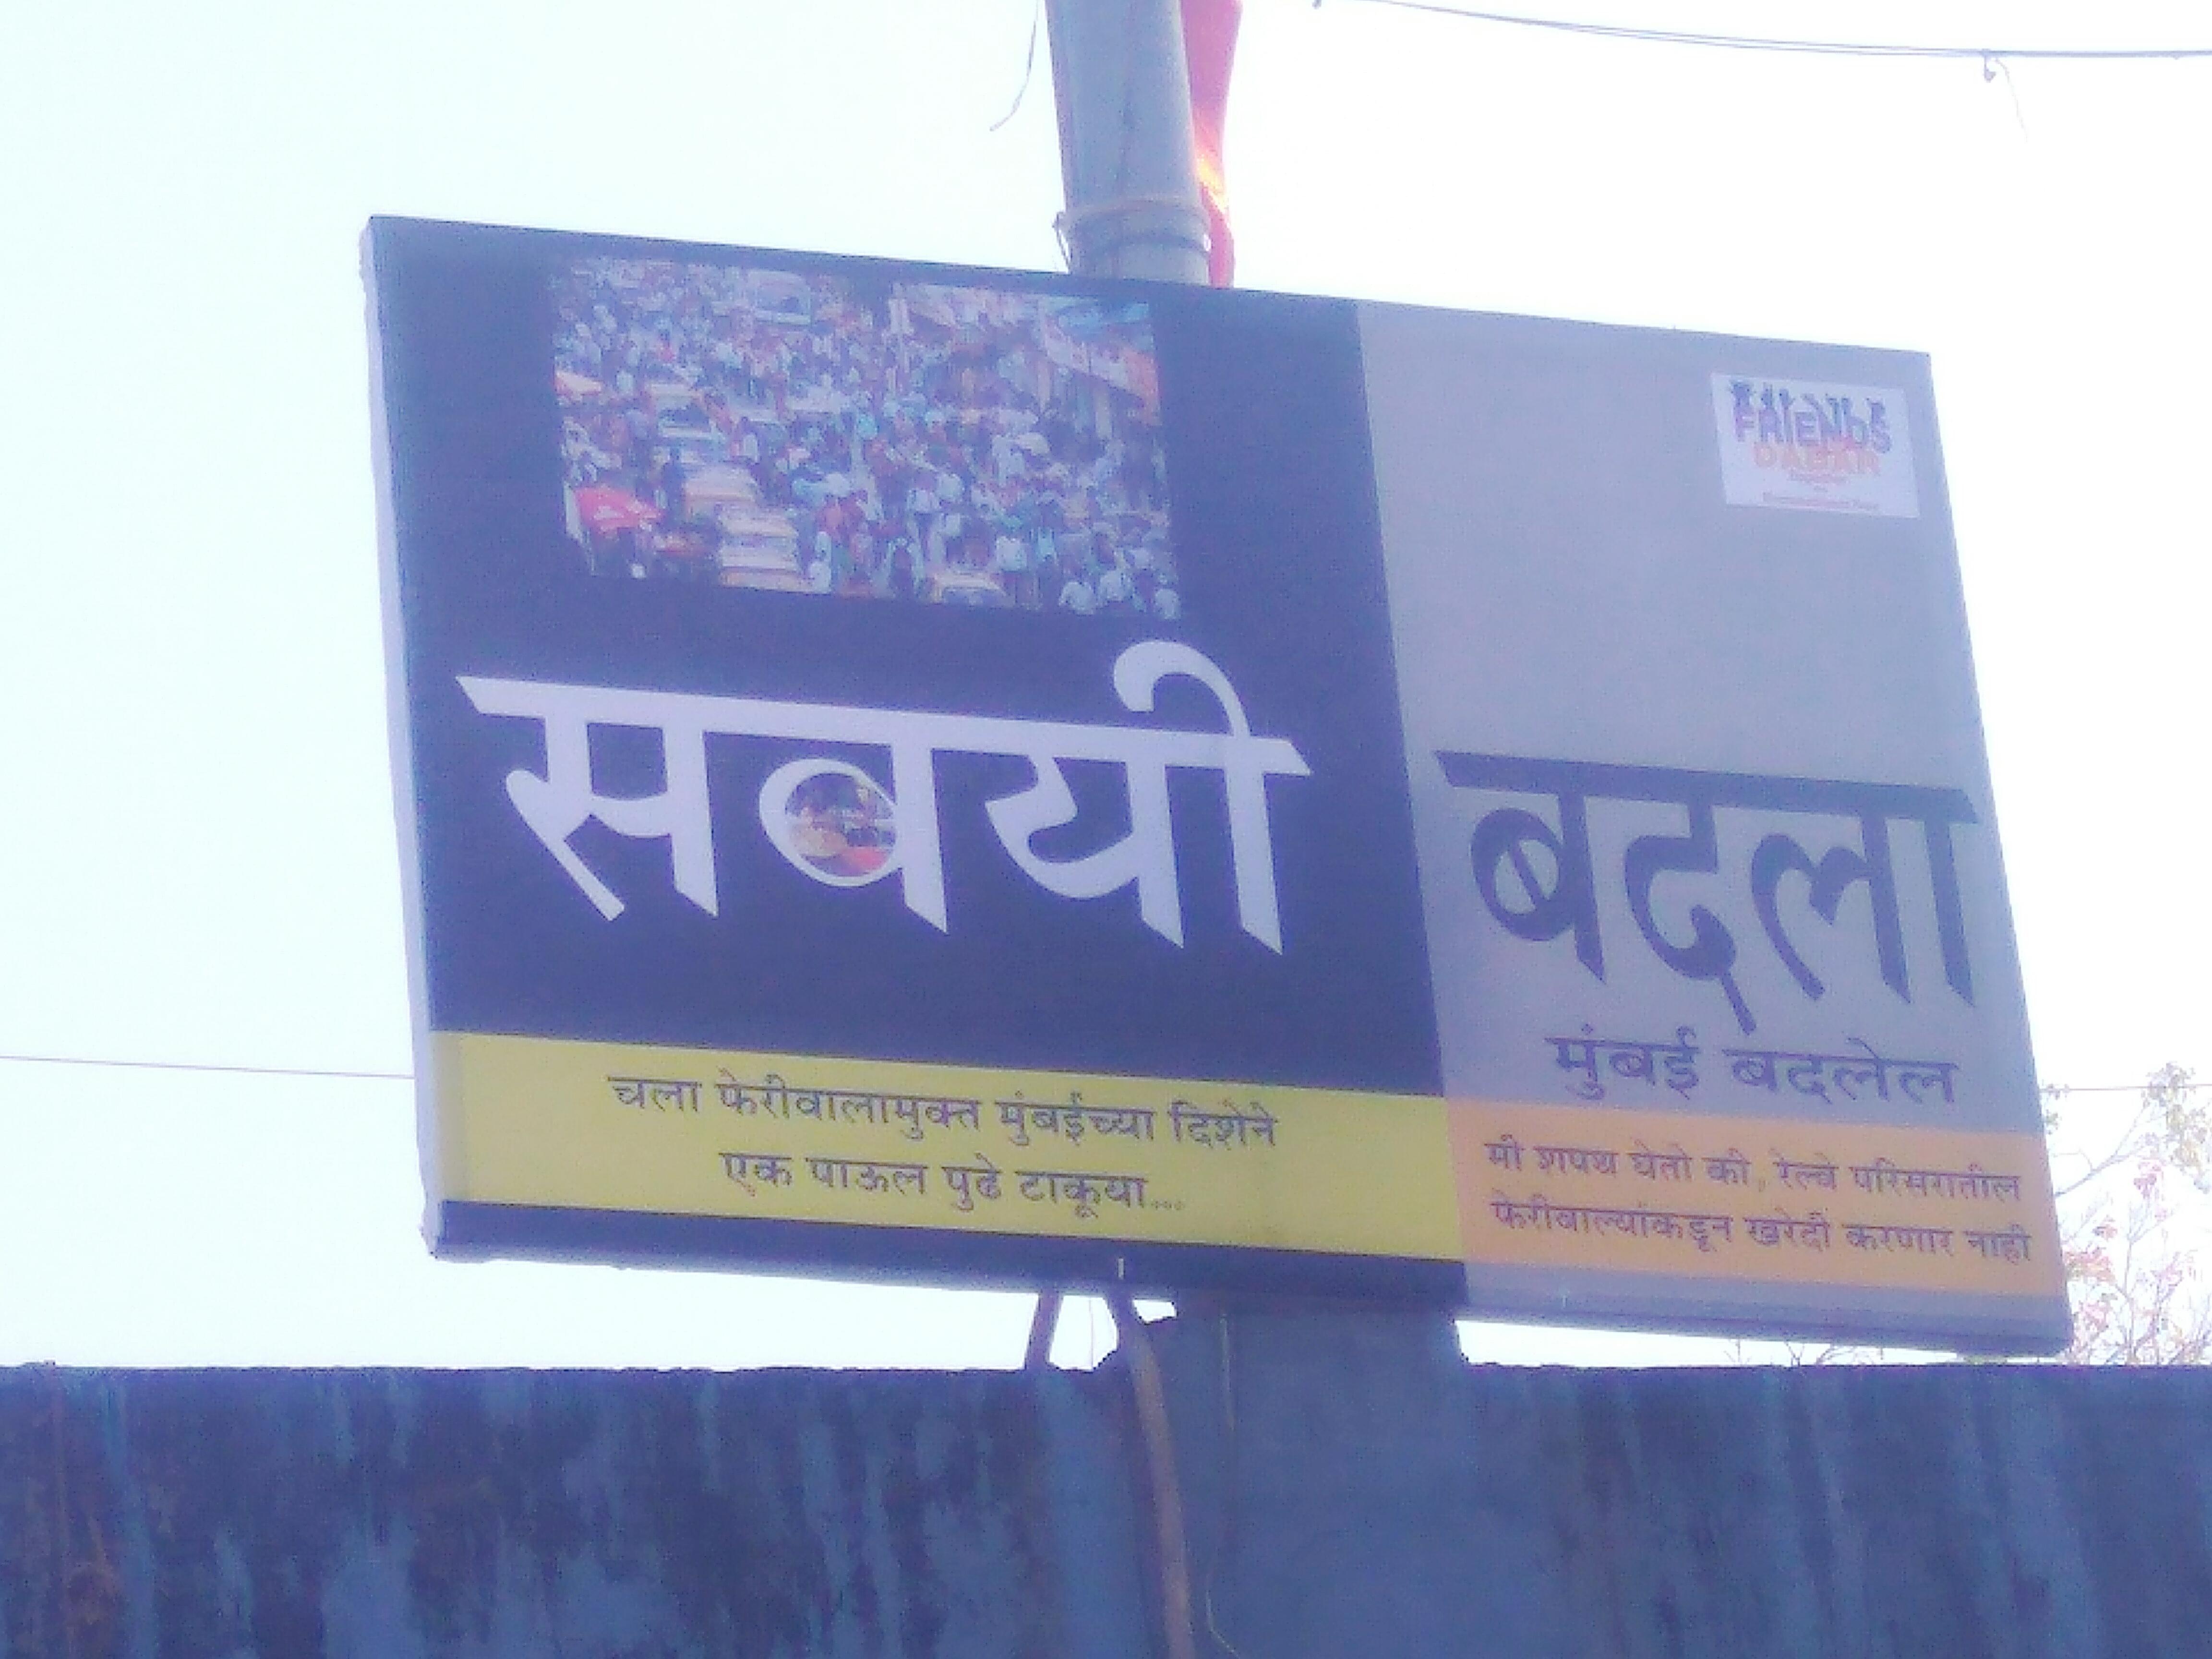 'सवयी बदला मुंबई बदलेल' दादरमध्ये मनसेची बॅनरबाजी